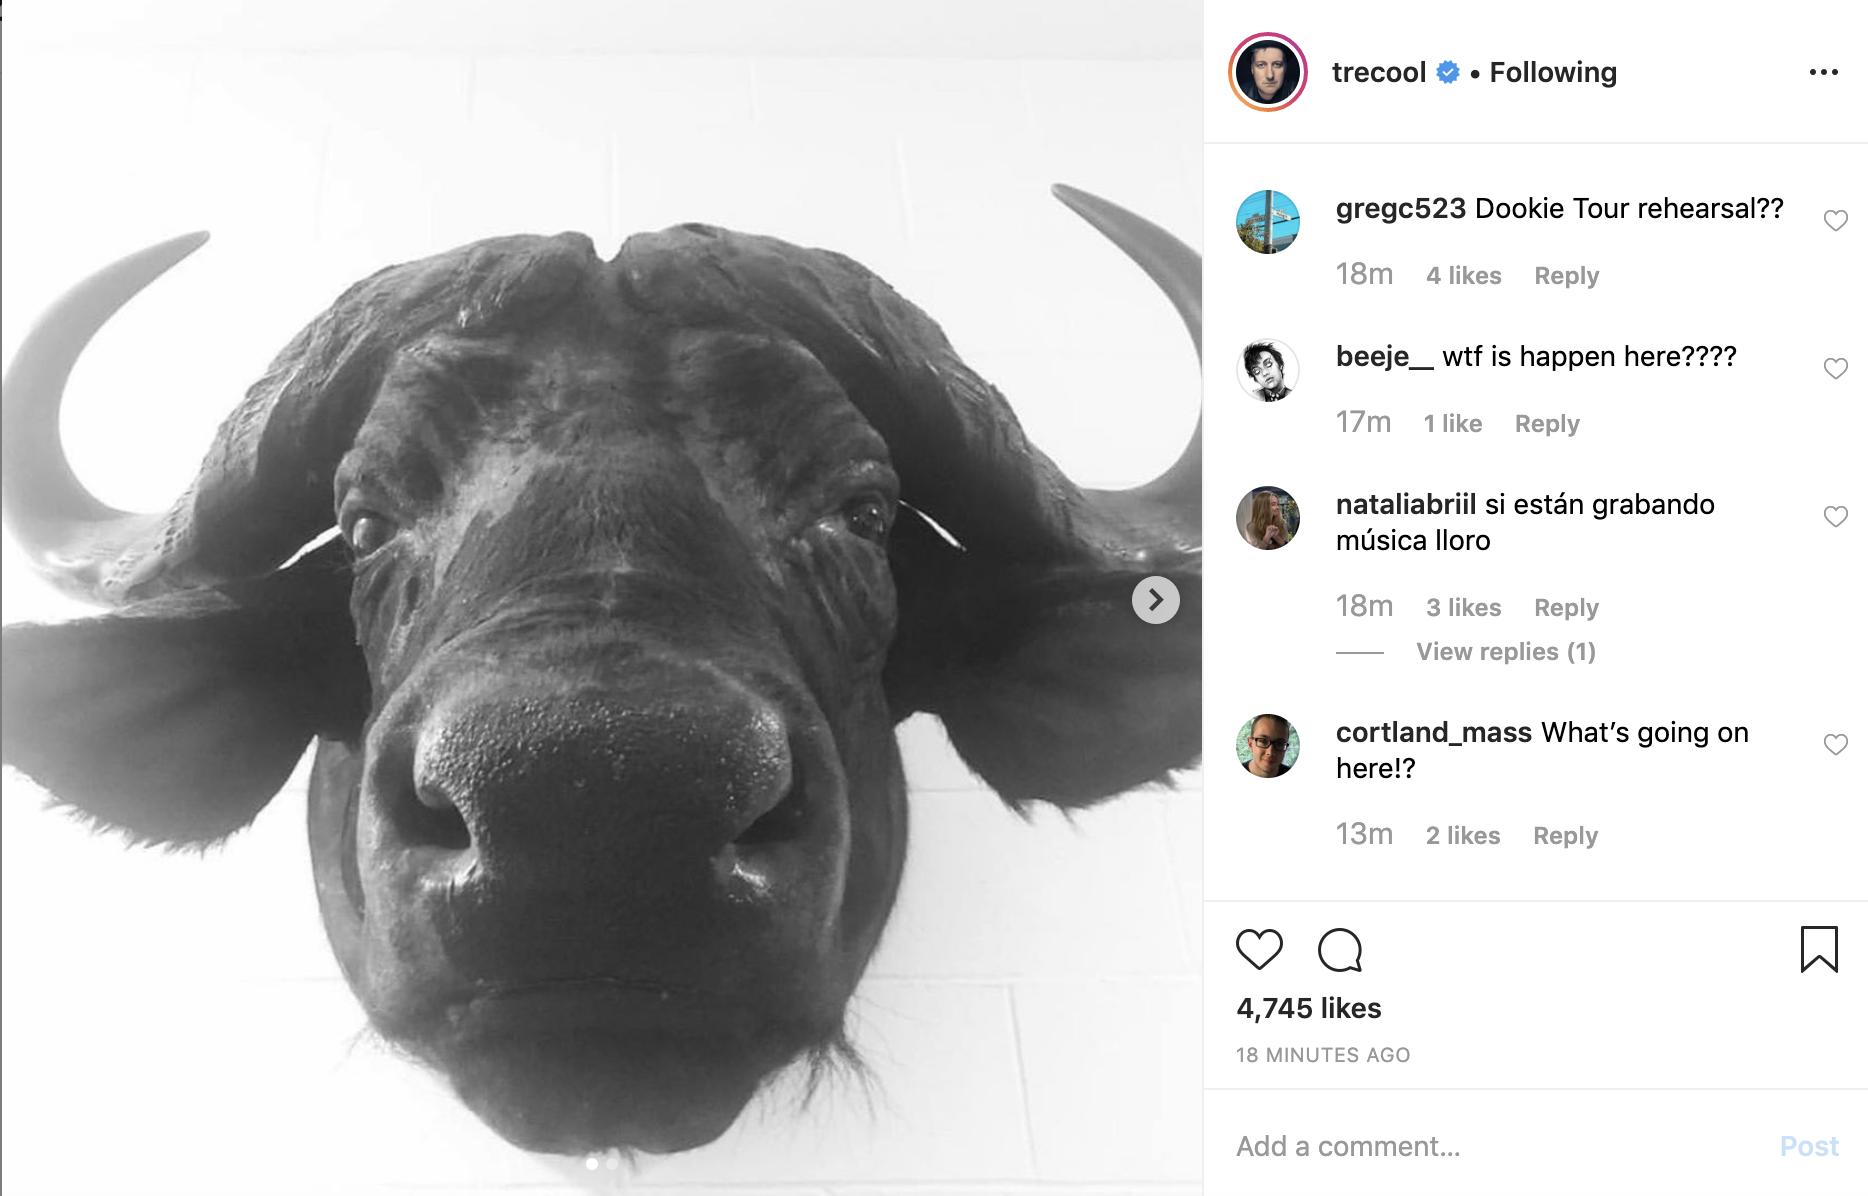 Imagen de un toro en el instagram de Trecool